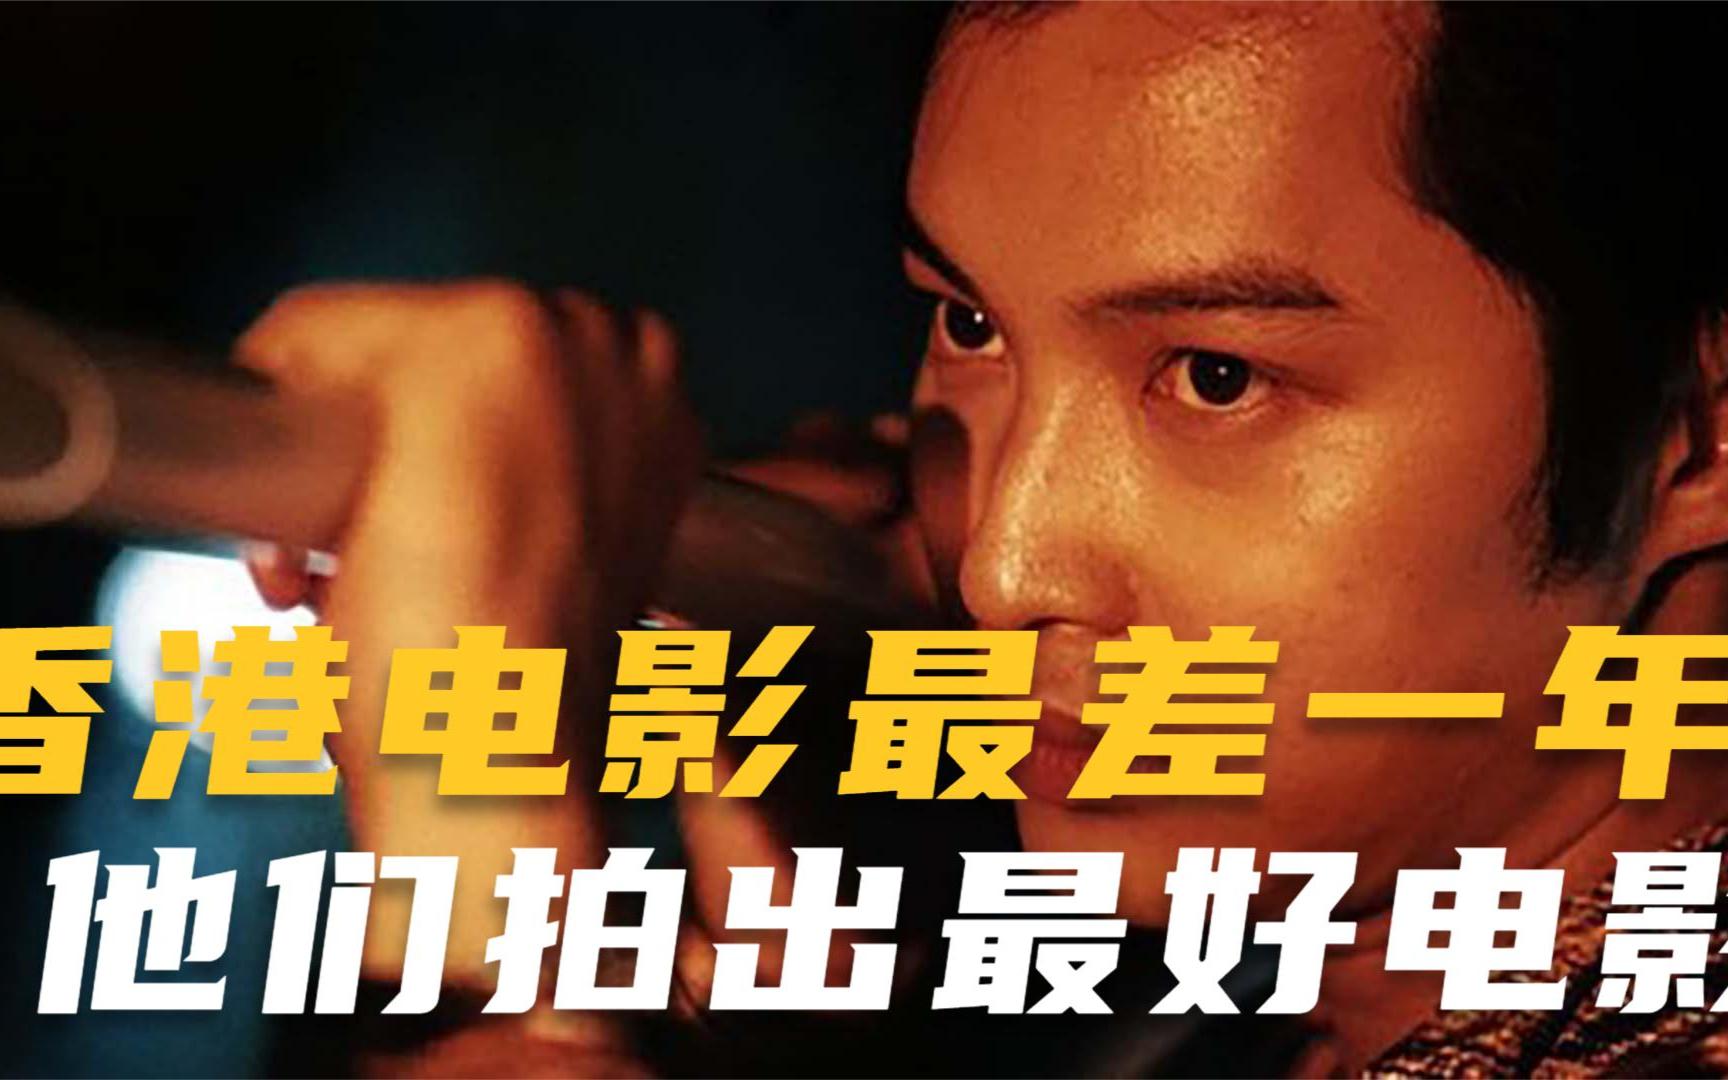 香港电影最差的那年,这群人拍出横扫大奖的电影。导演获奖时飙泪